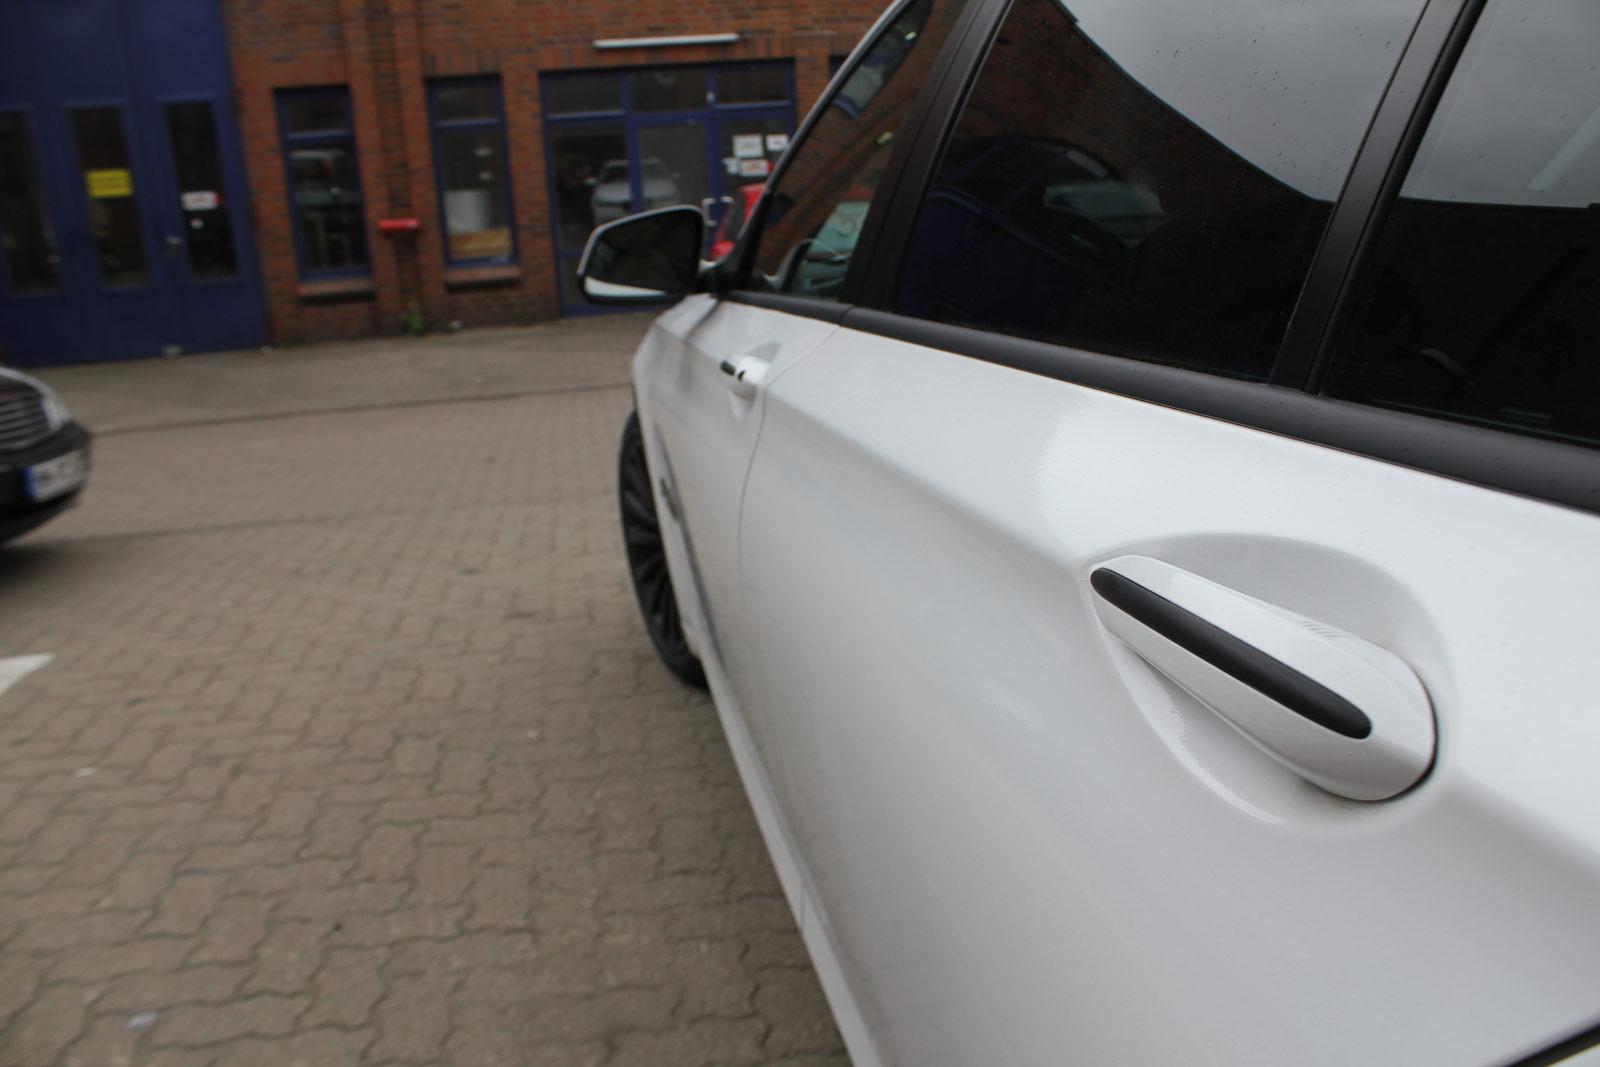 BMW_7er_WEISS_GLANZ_FELGEN_FOLIERUNG_SCHWARZ_MATT_25